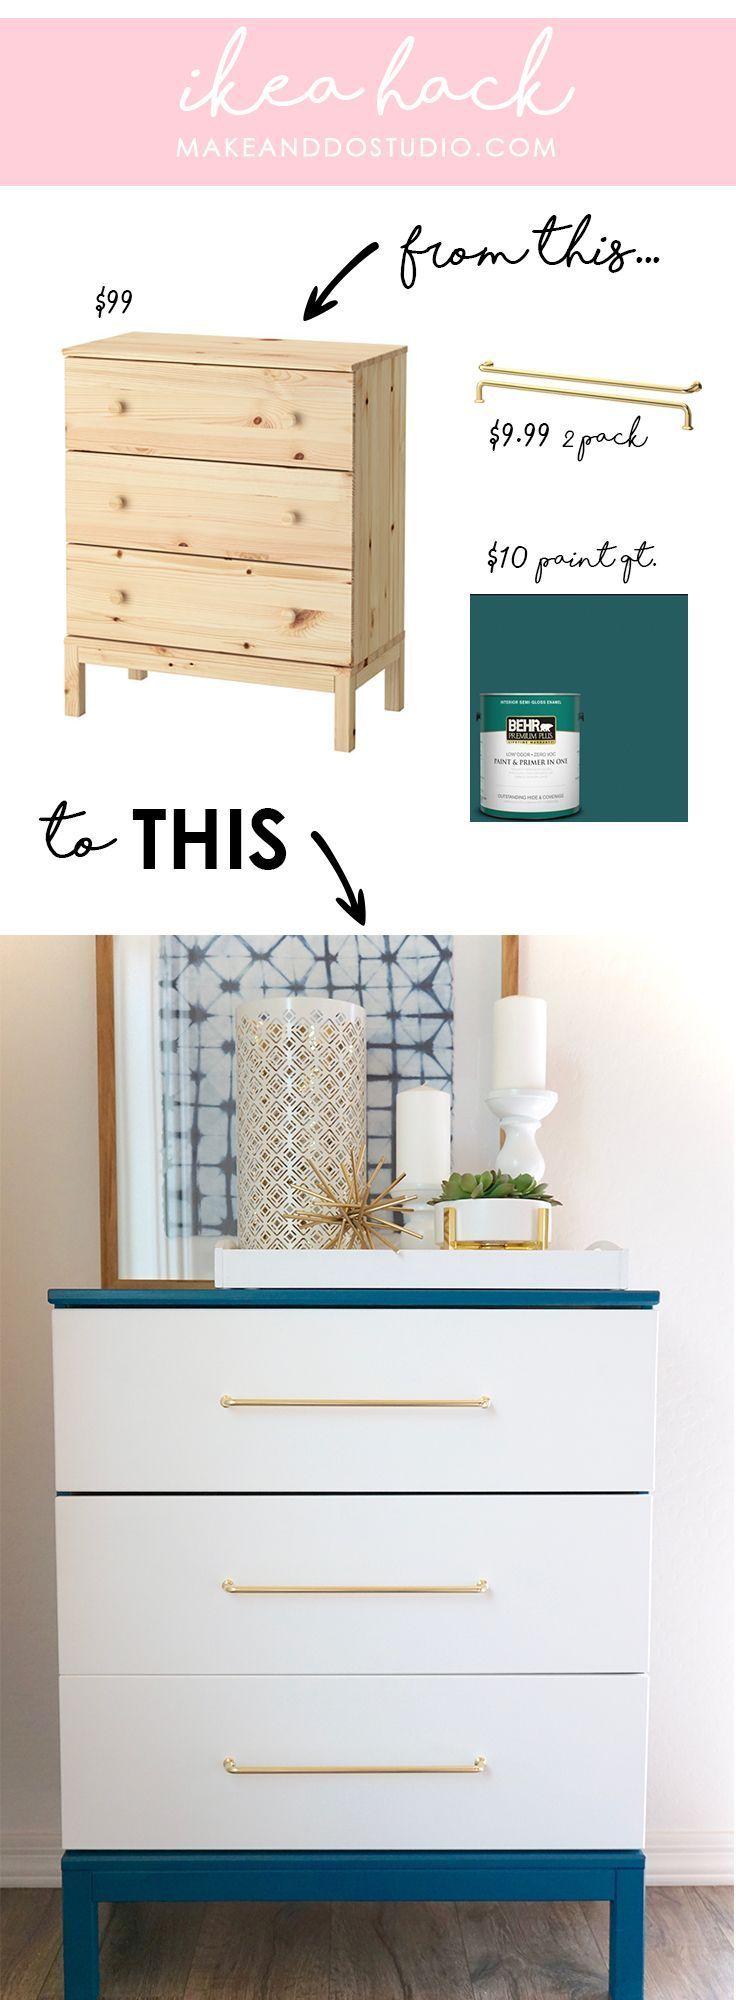 ikea hack nimm deine tarva truhe von basic zu bananas. Black Bedroom Furniture Sets. Home Design Ideas